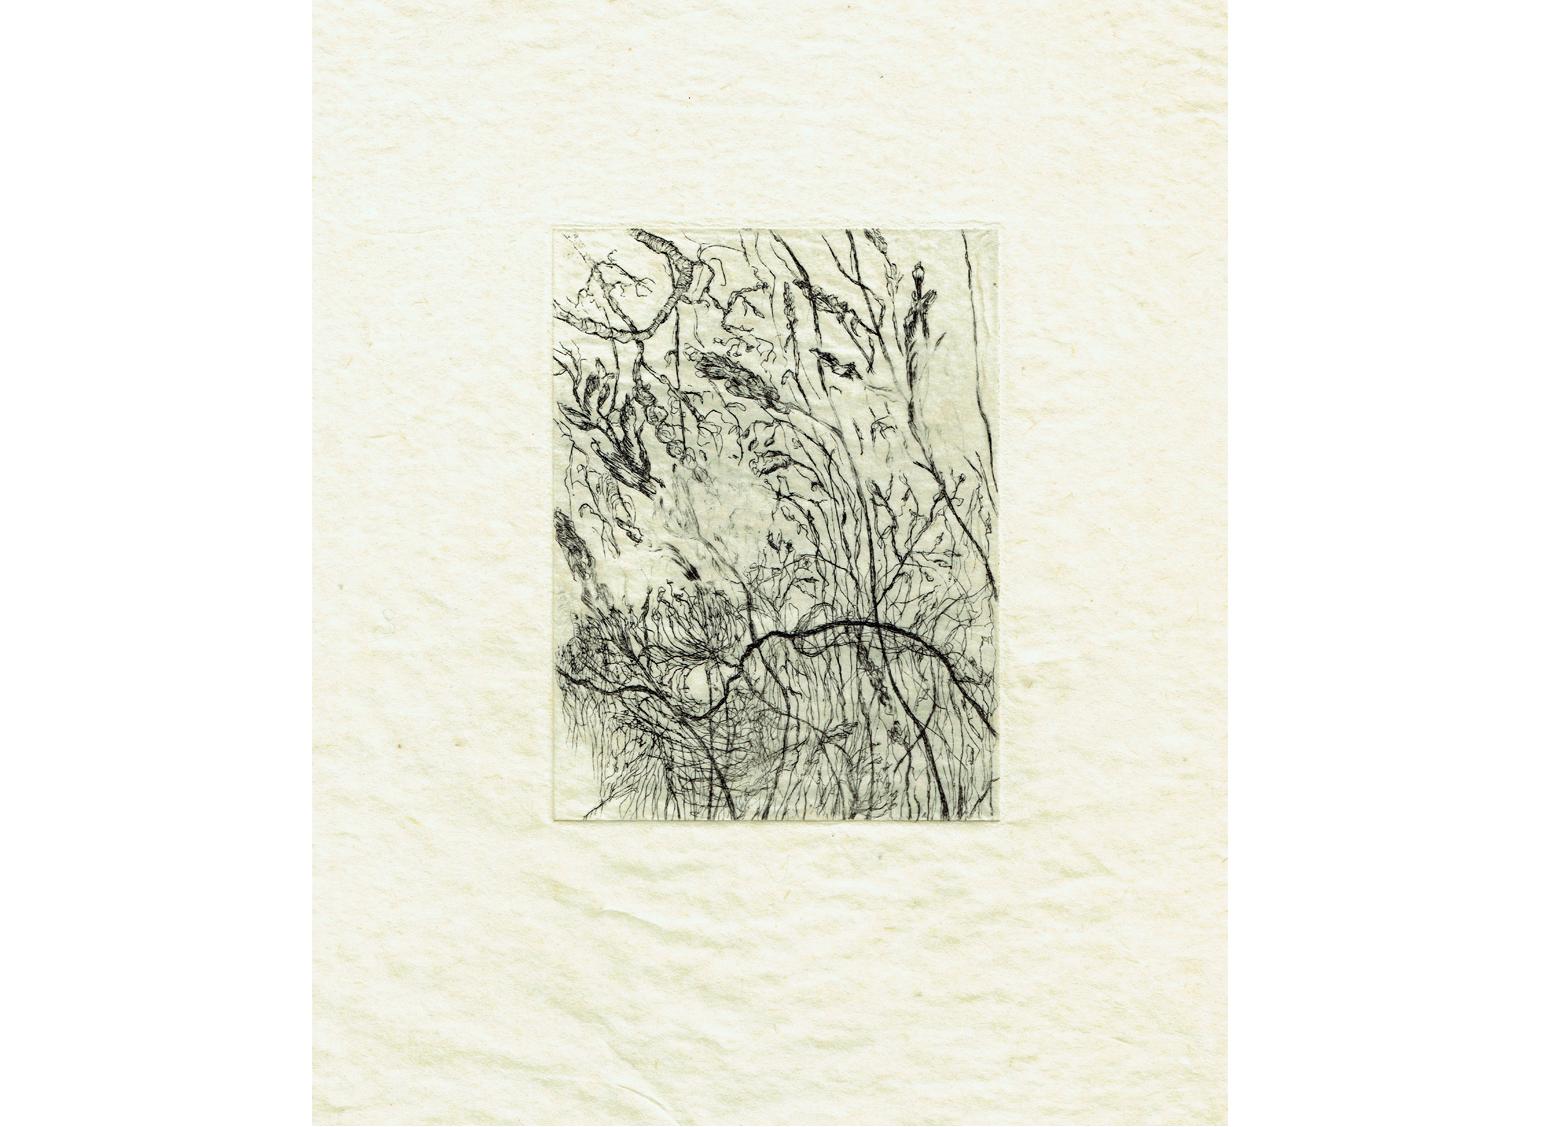 Les hautes herbes, eau-forte, 12cm x 9cm